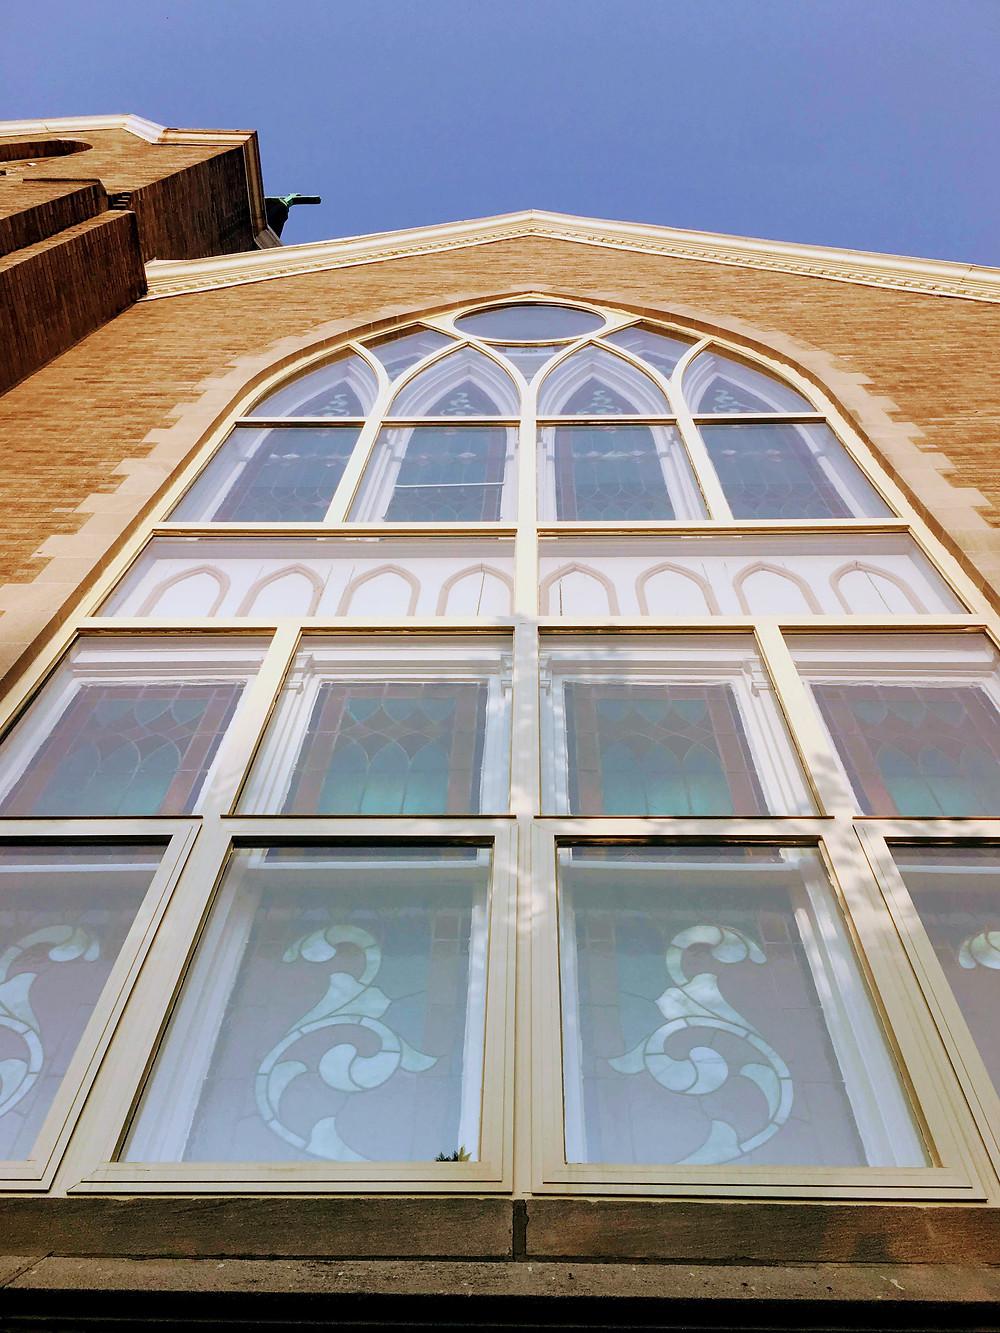 old church in Evanston, Illinois